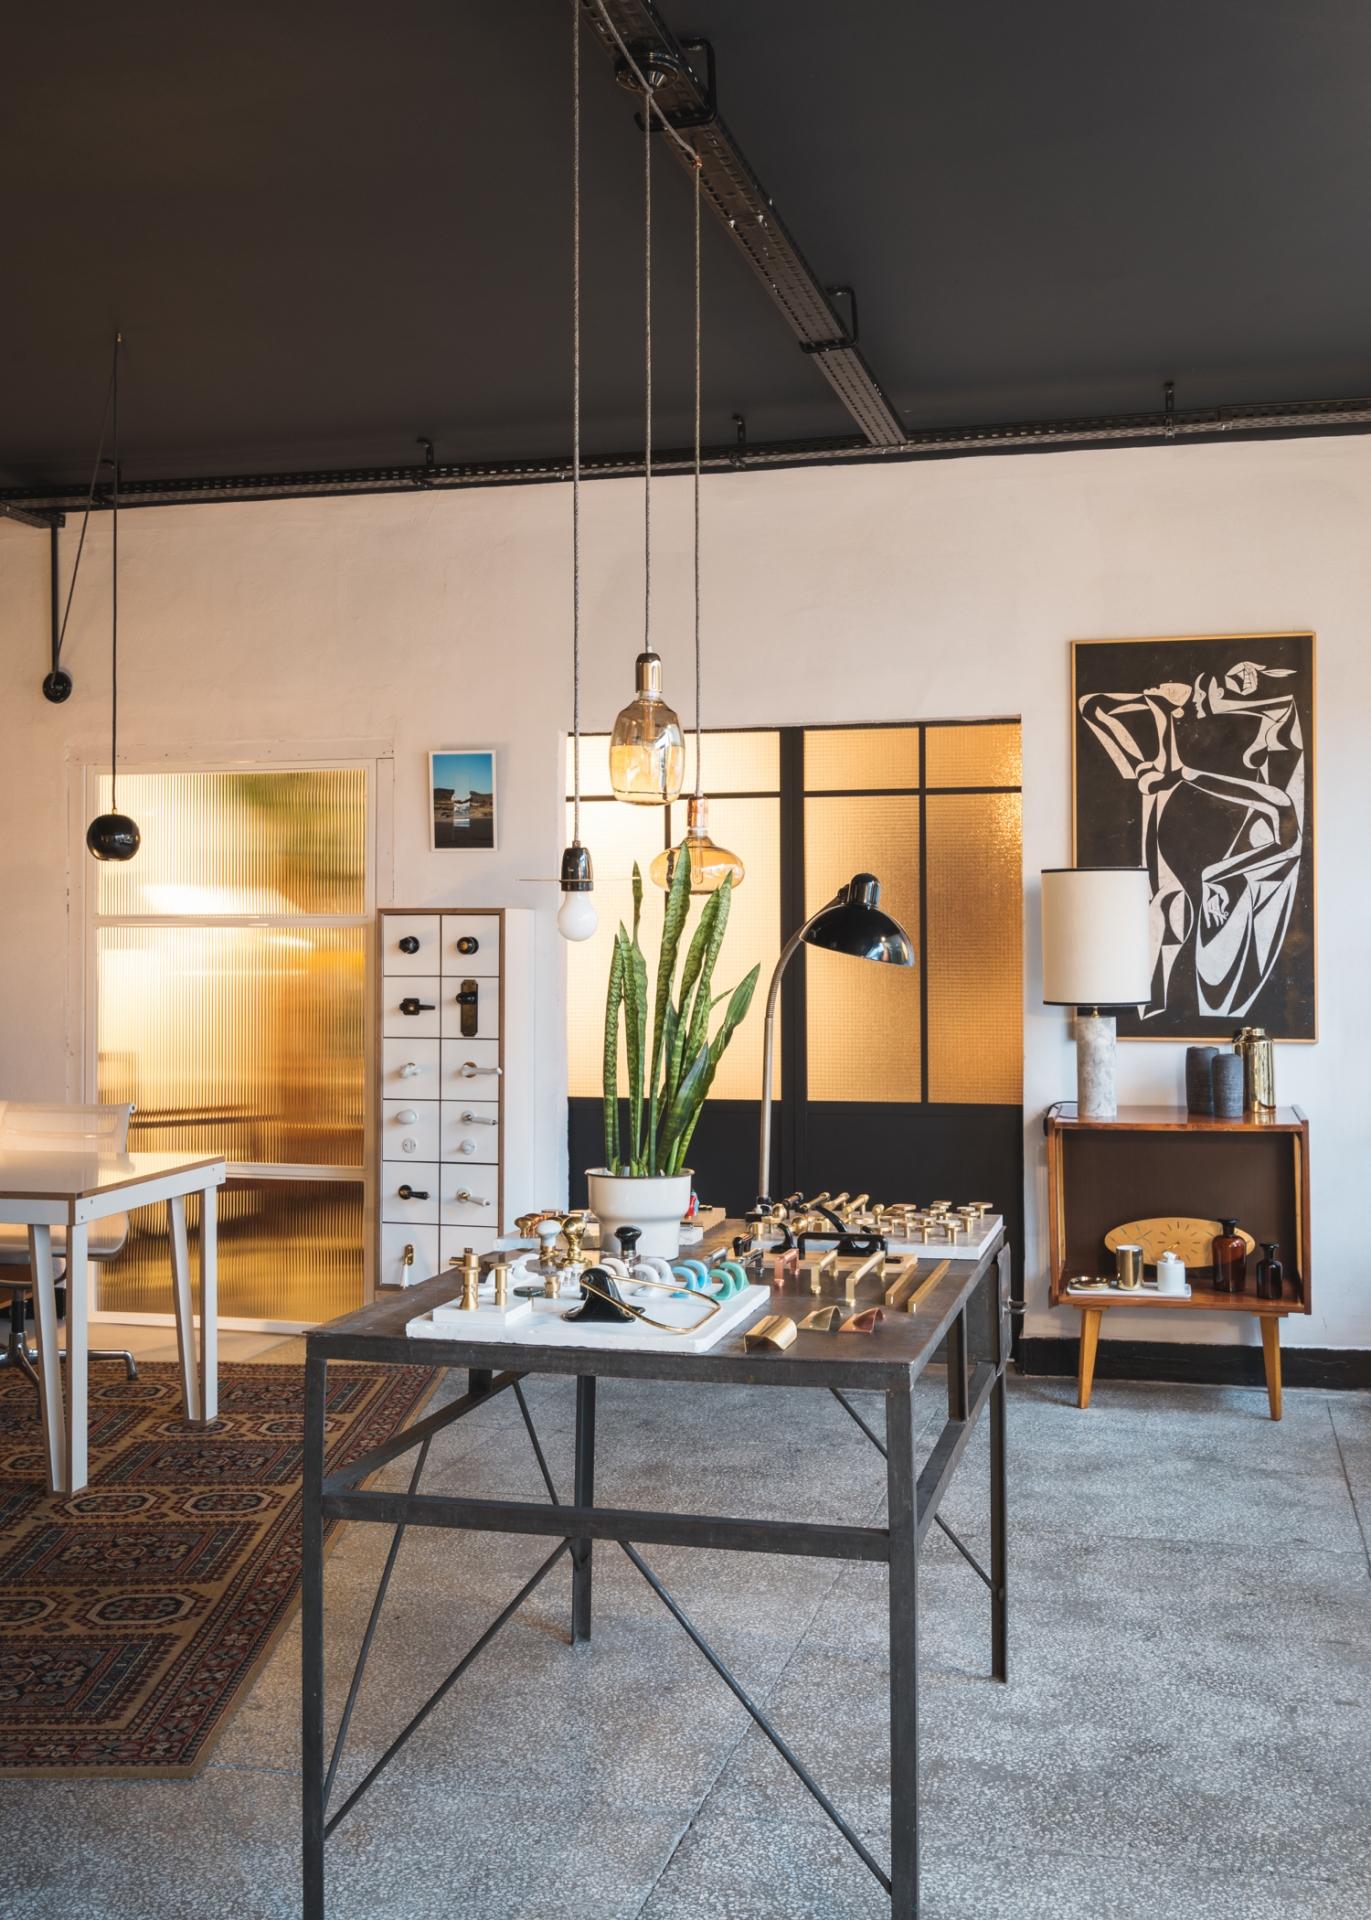 Intterno-concept-store-designalive-12